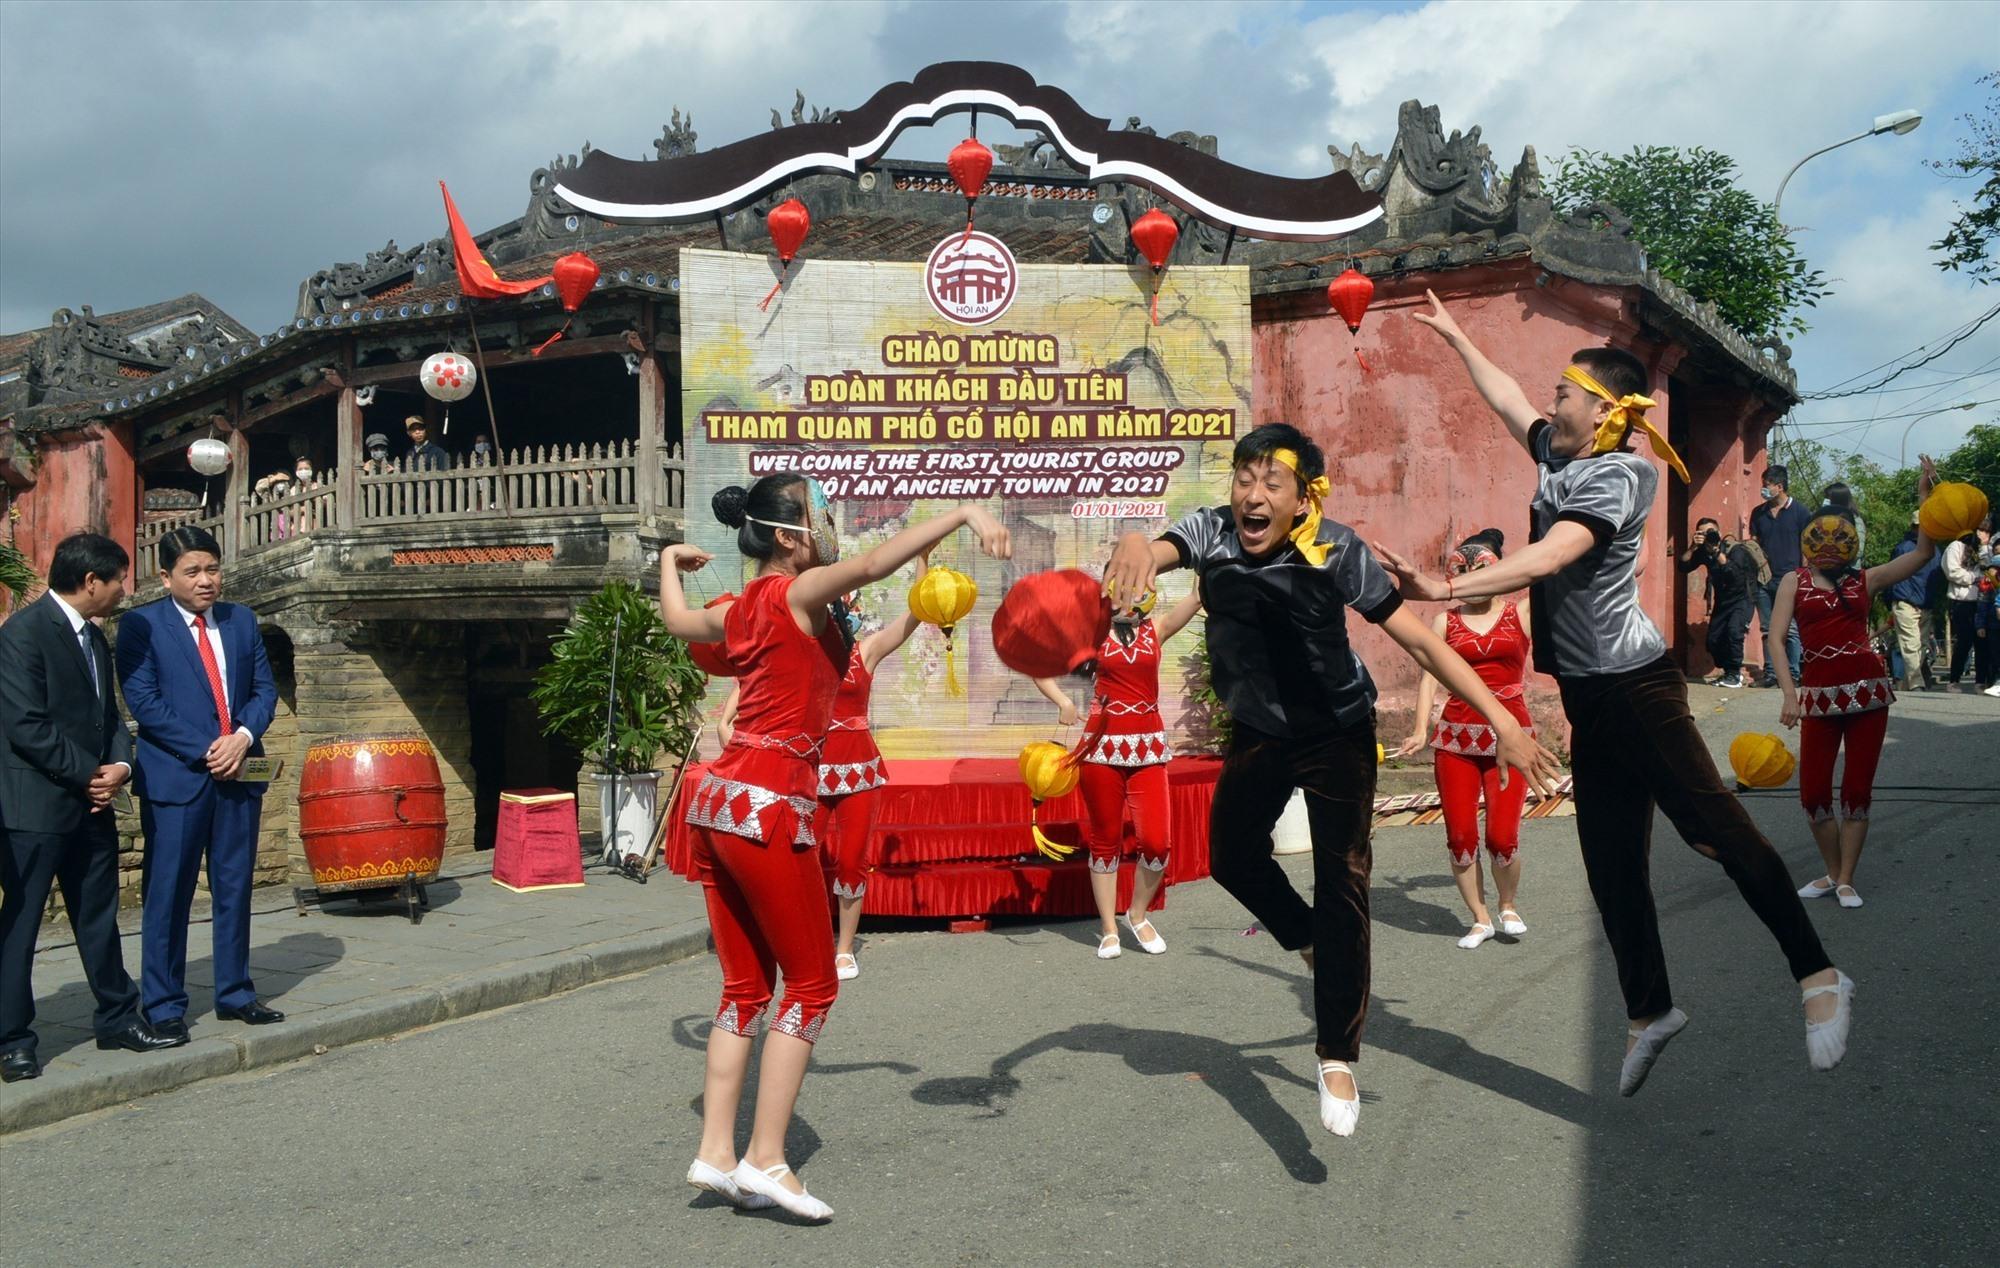 Nhiều hoạt động văn hóa văn nghệ chào đón đoàn khách xông đất đã diễn ra trong dịp này